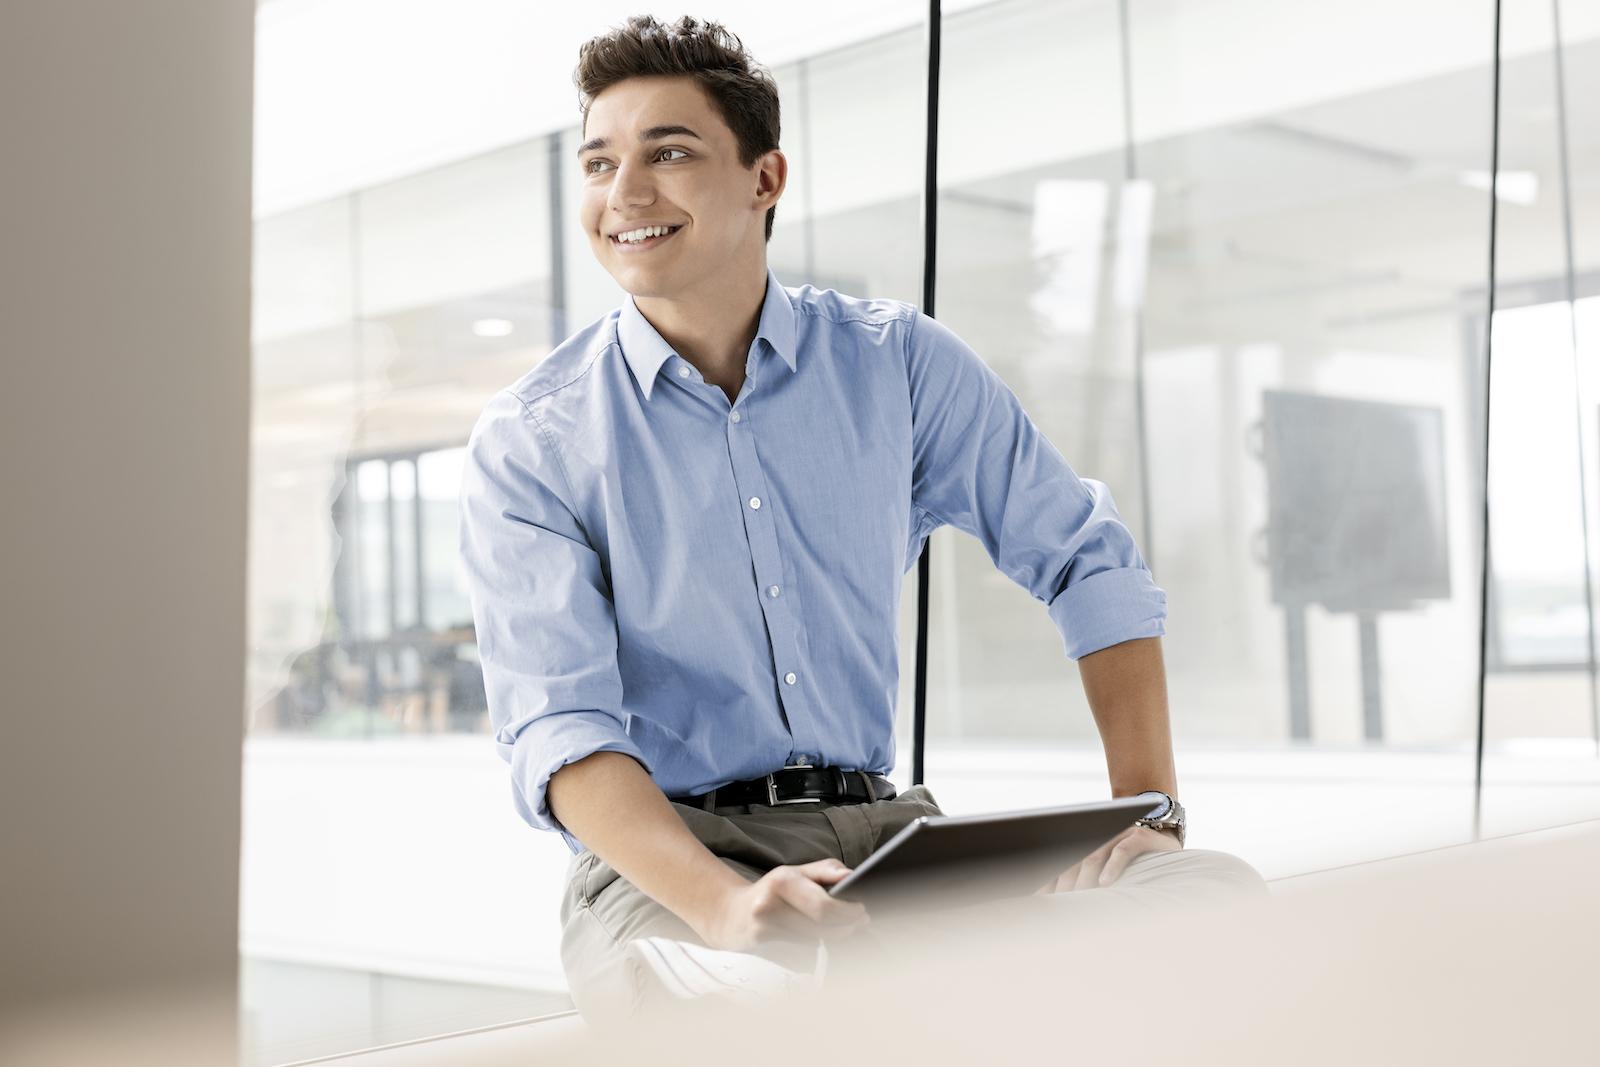 jung business männlicher Trainee im Office mit Tablet am Fenster Businessstyling Monika Mages